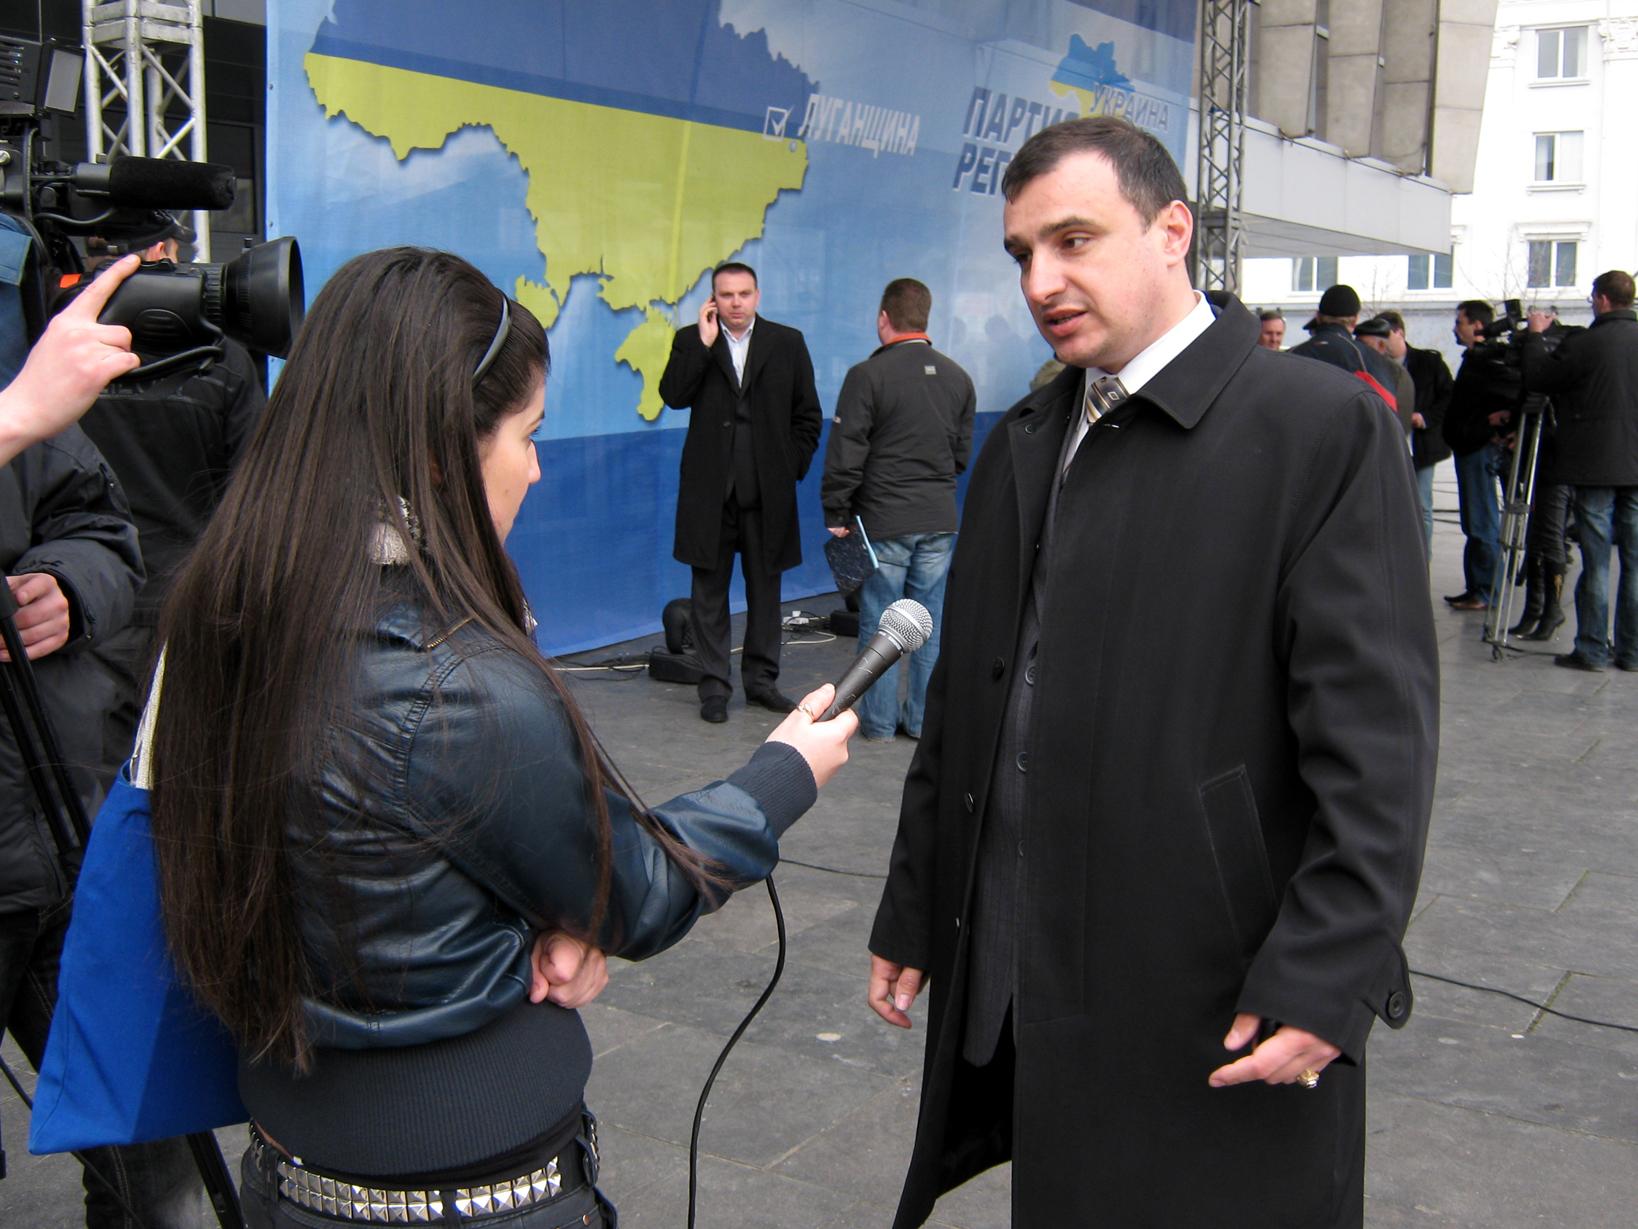 Клинчаев дает комментарий после митинга ПР против правительства Юлии Тимошенко. Луганск, март 2009